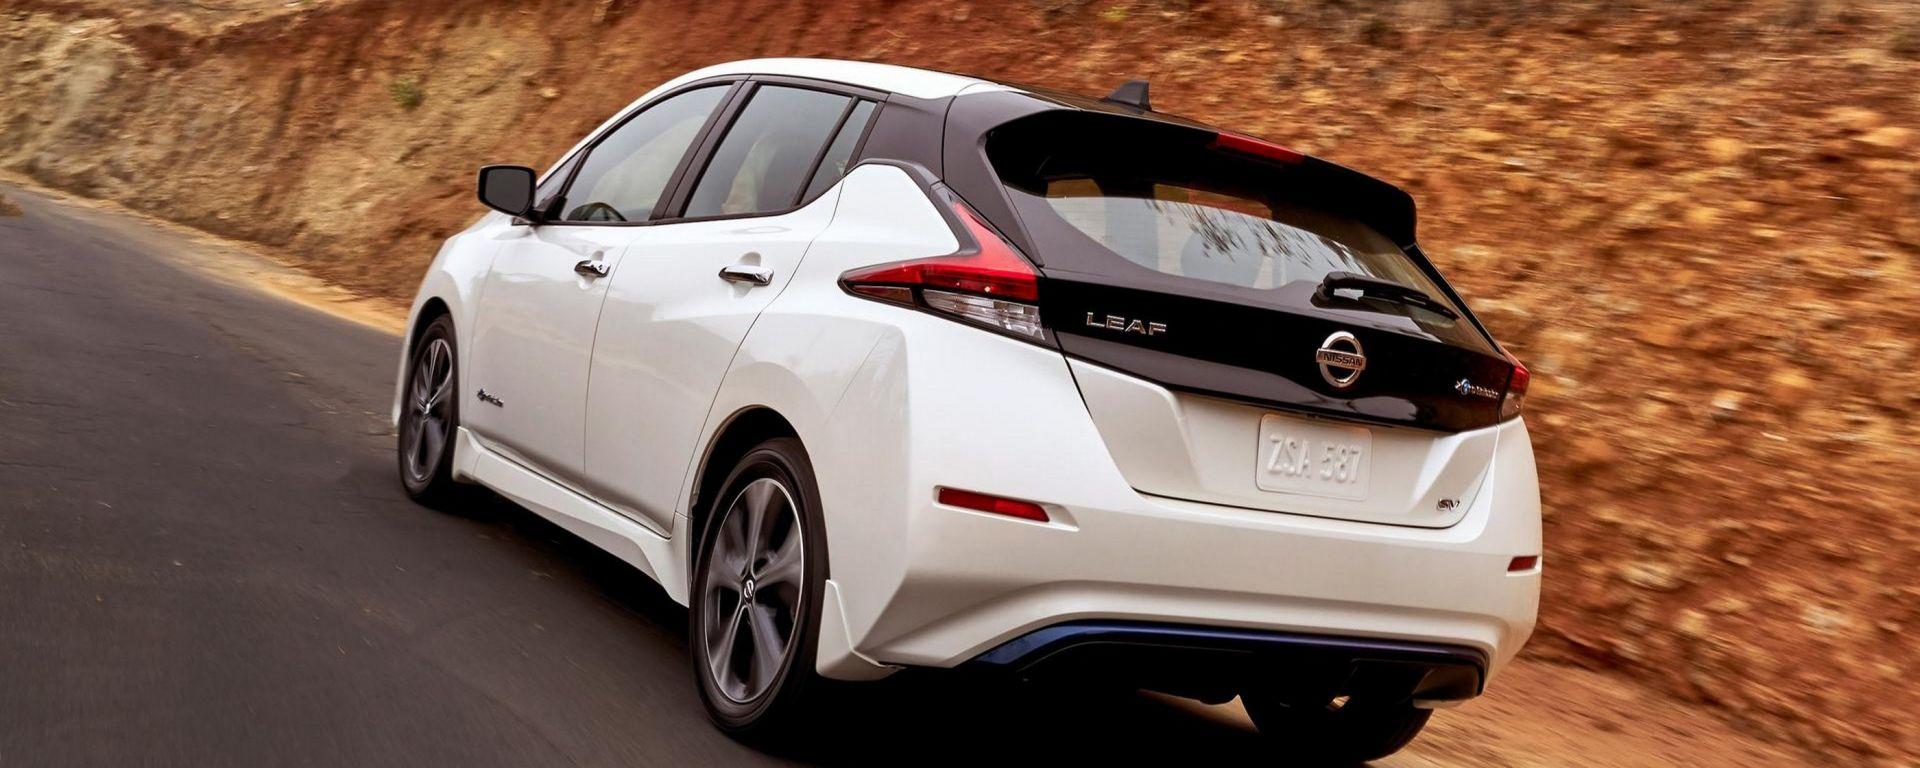 Nuova Nissan Leaf: eccola, con quasi 400 km di autonomia